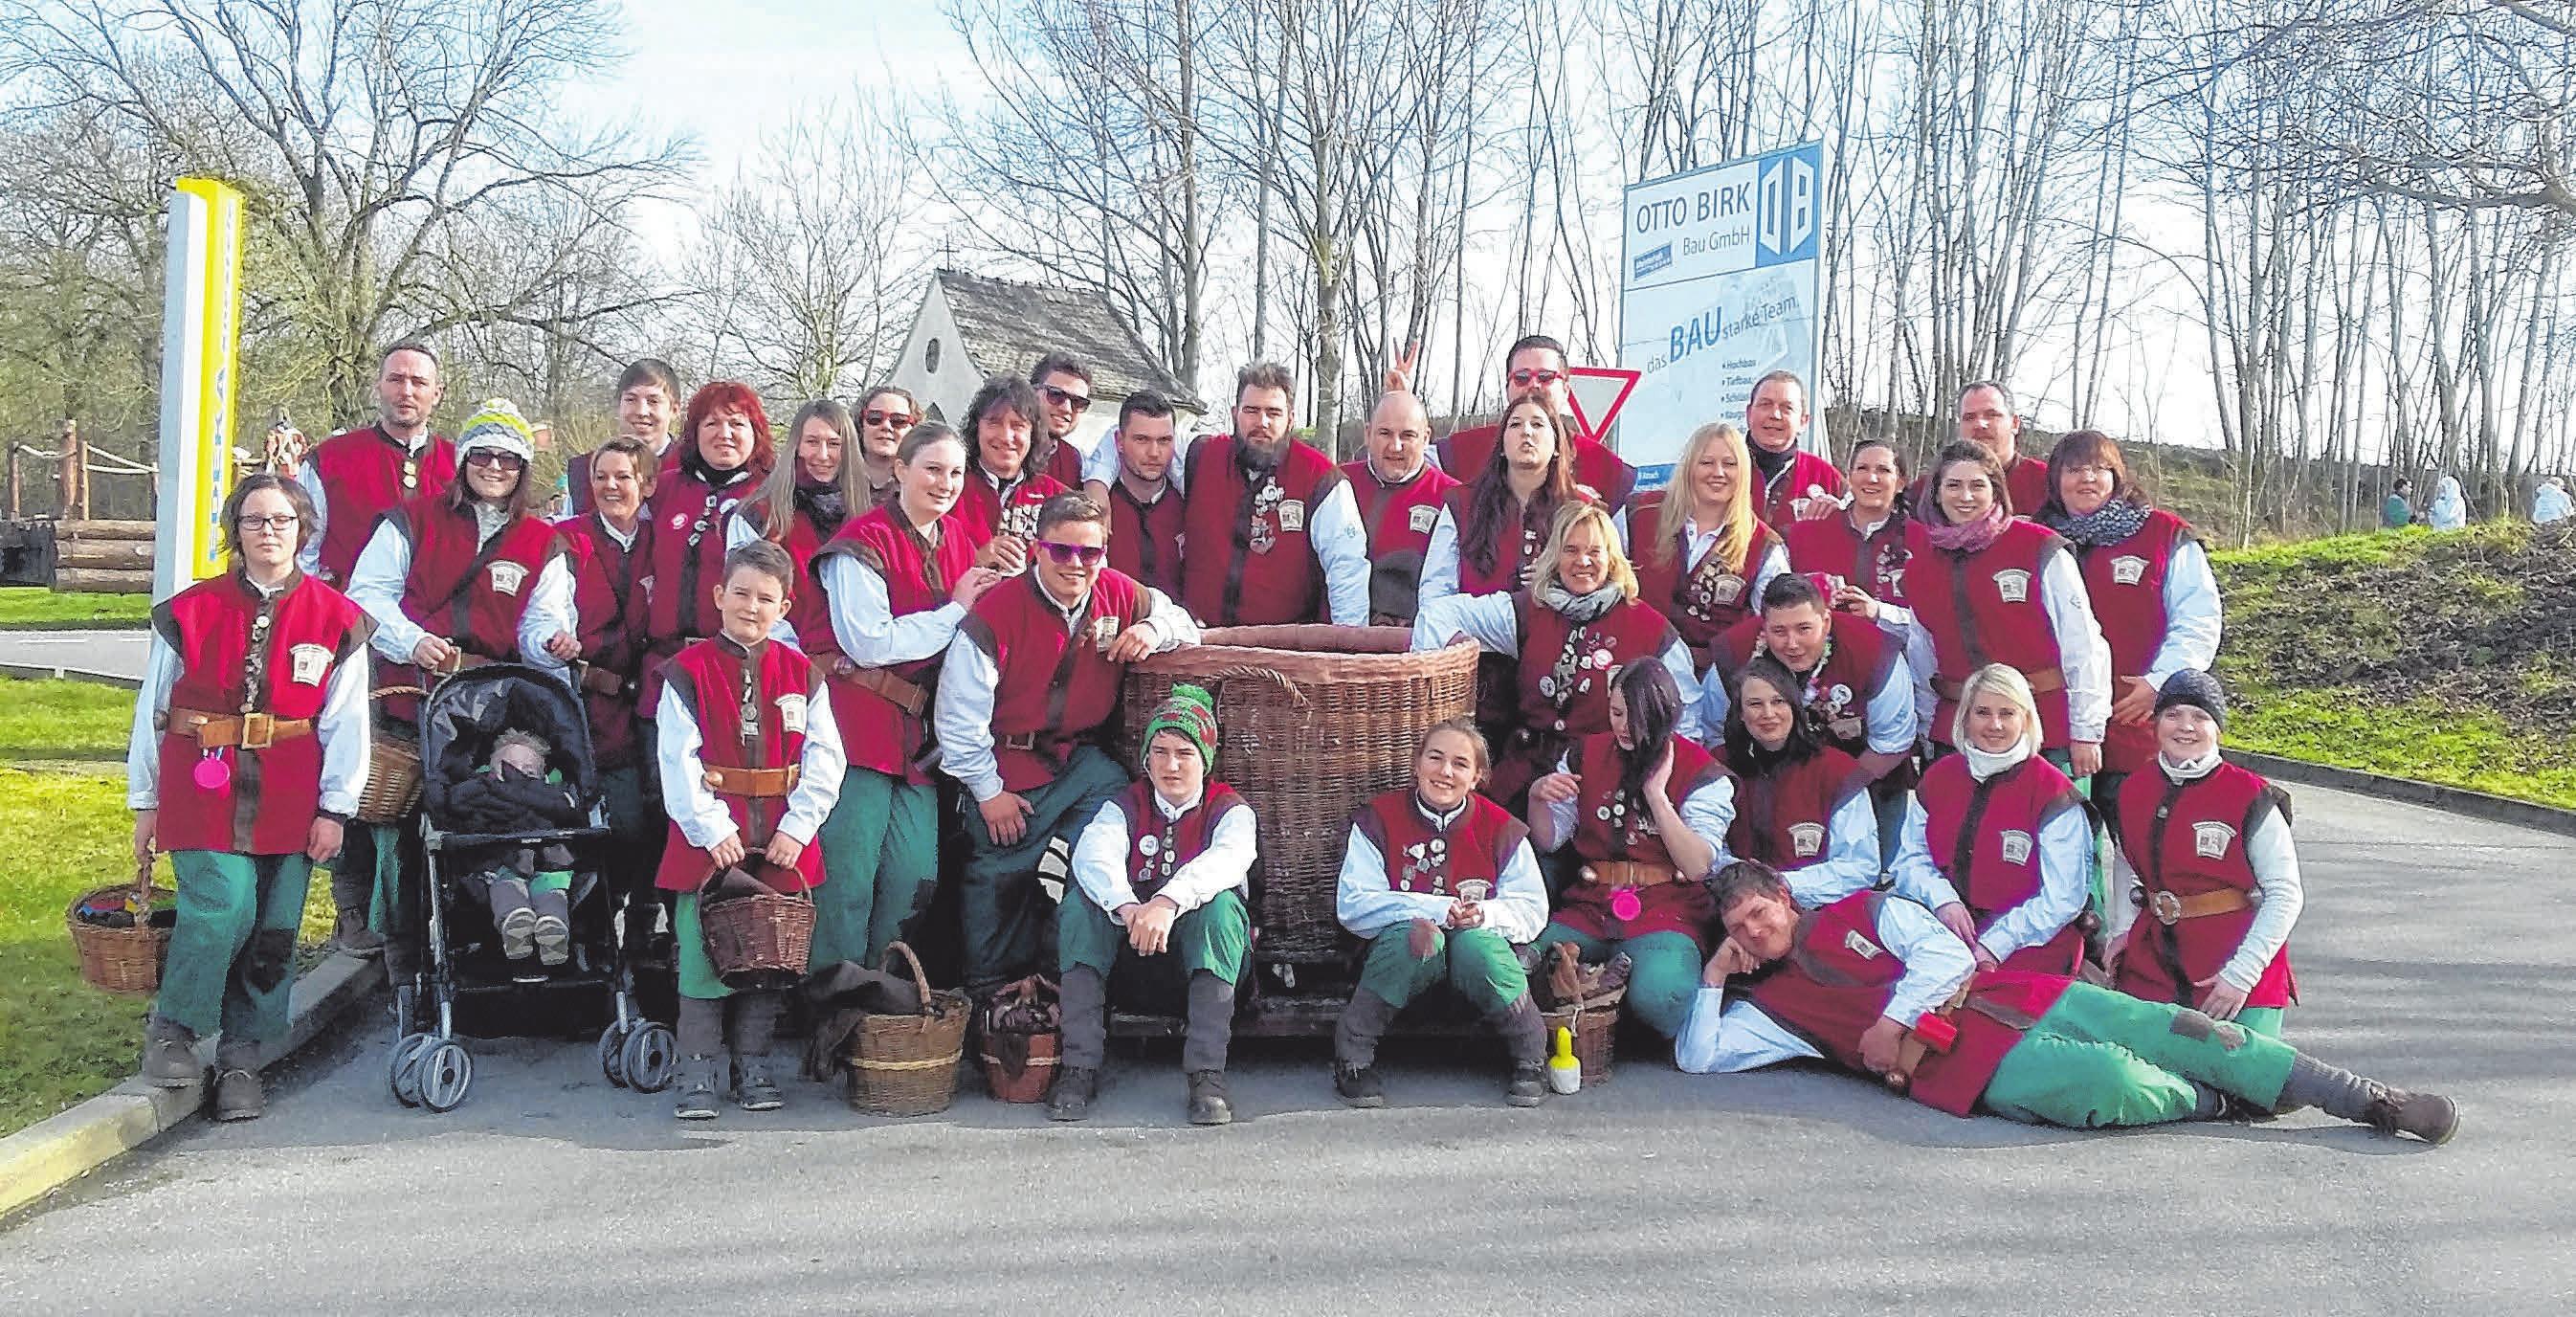 Die Narrenzunft der Krettamachr in Dettingen freut sich auf eine tolle Fasnetszeit. Den Auftakt macht am Freitag die traditionelle Narrendisco in der Festhalle. FOTO: ZUNFT